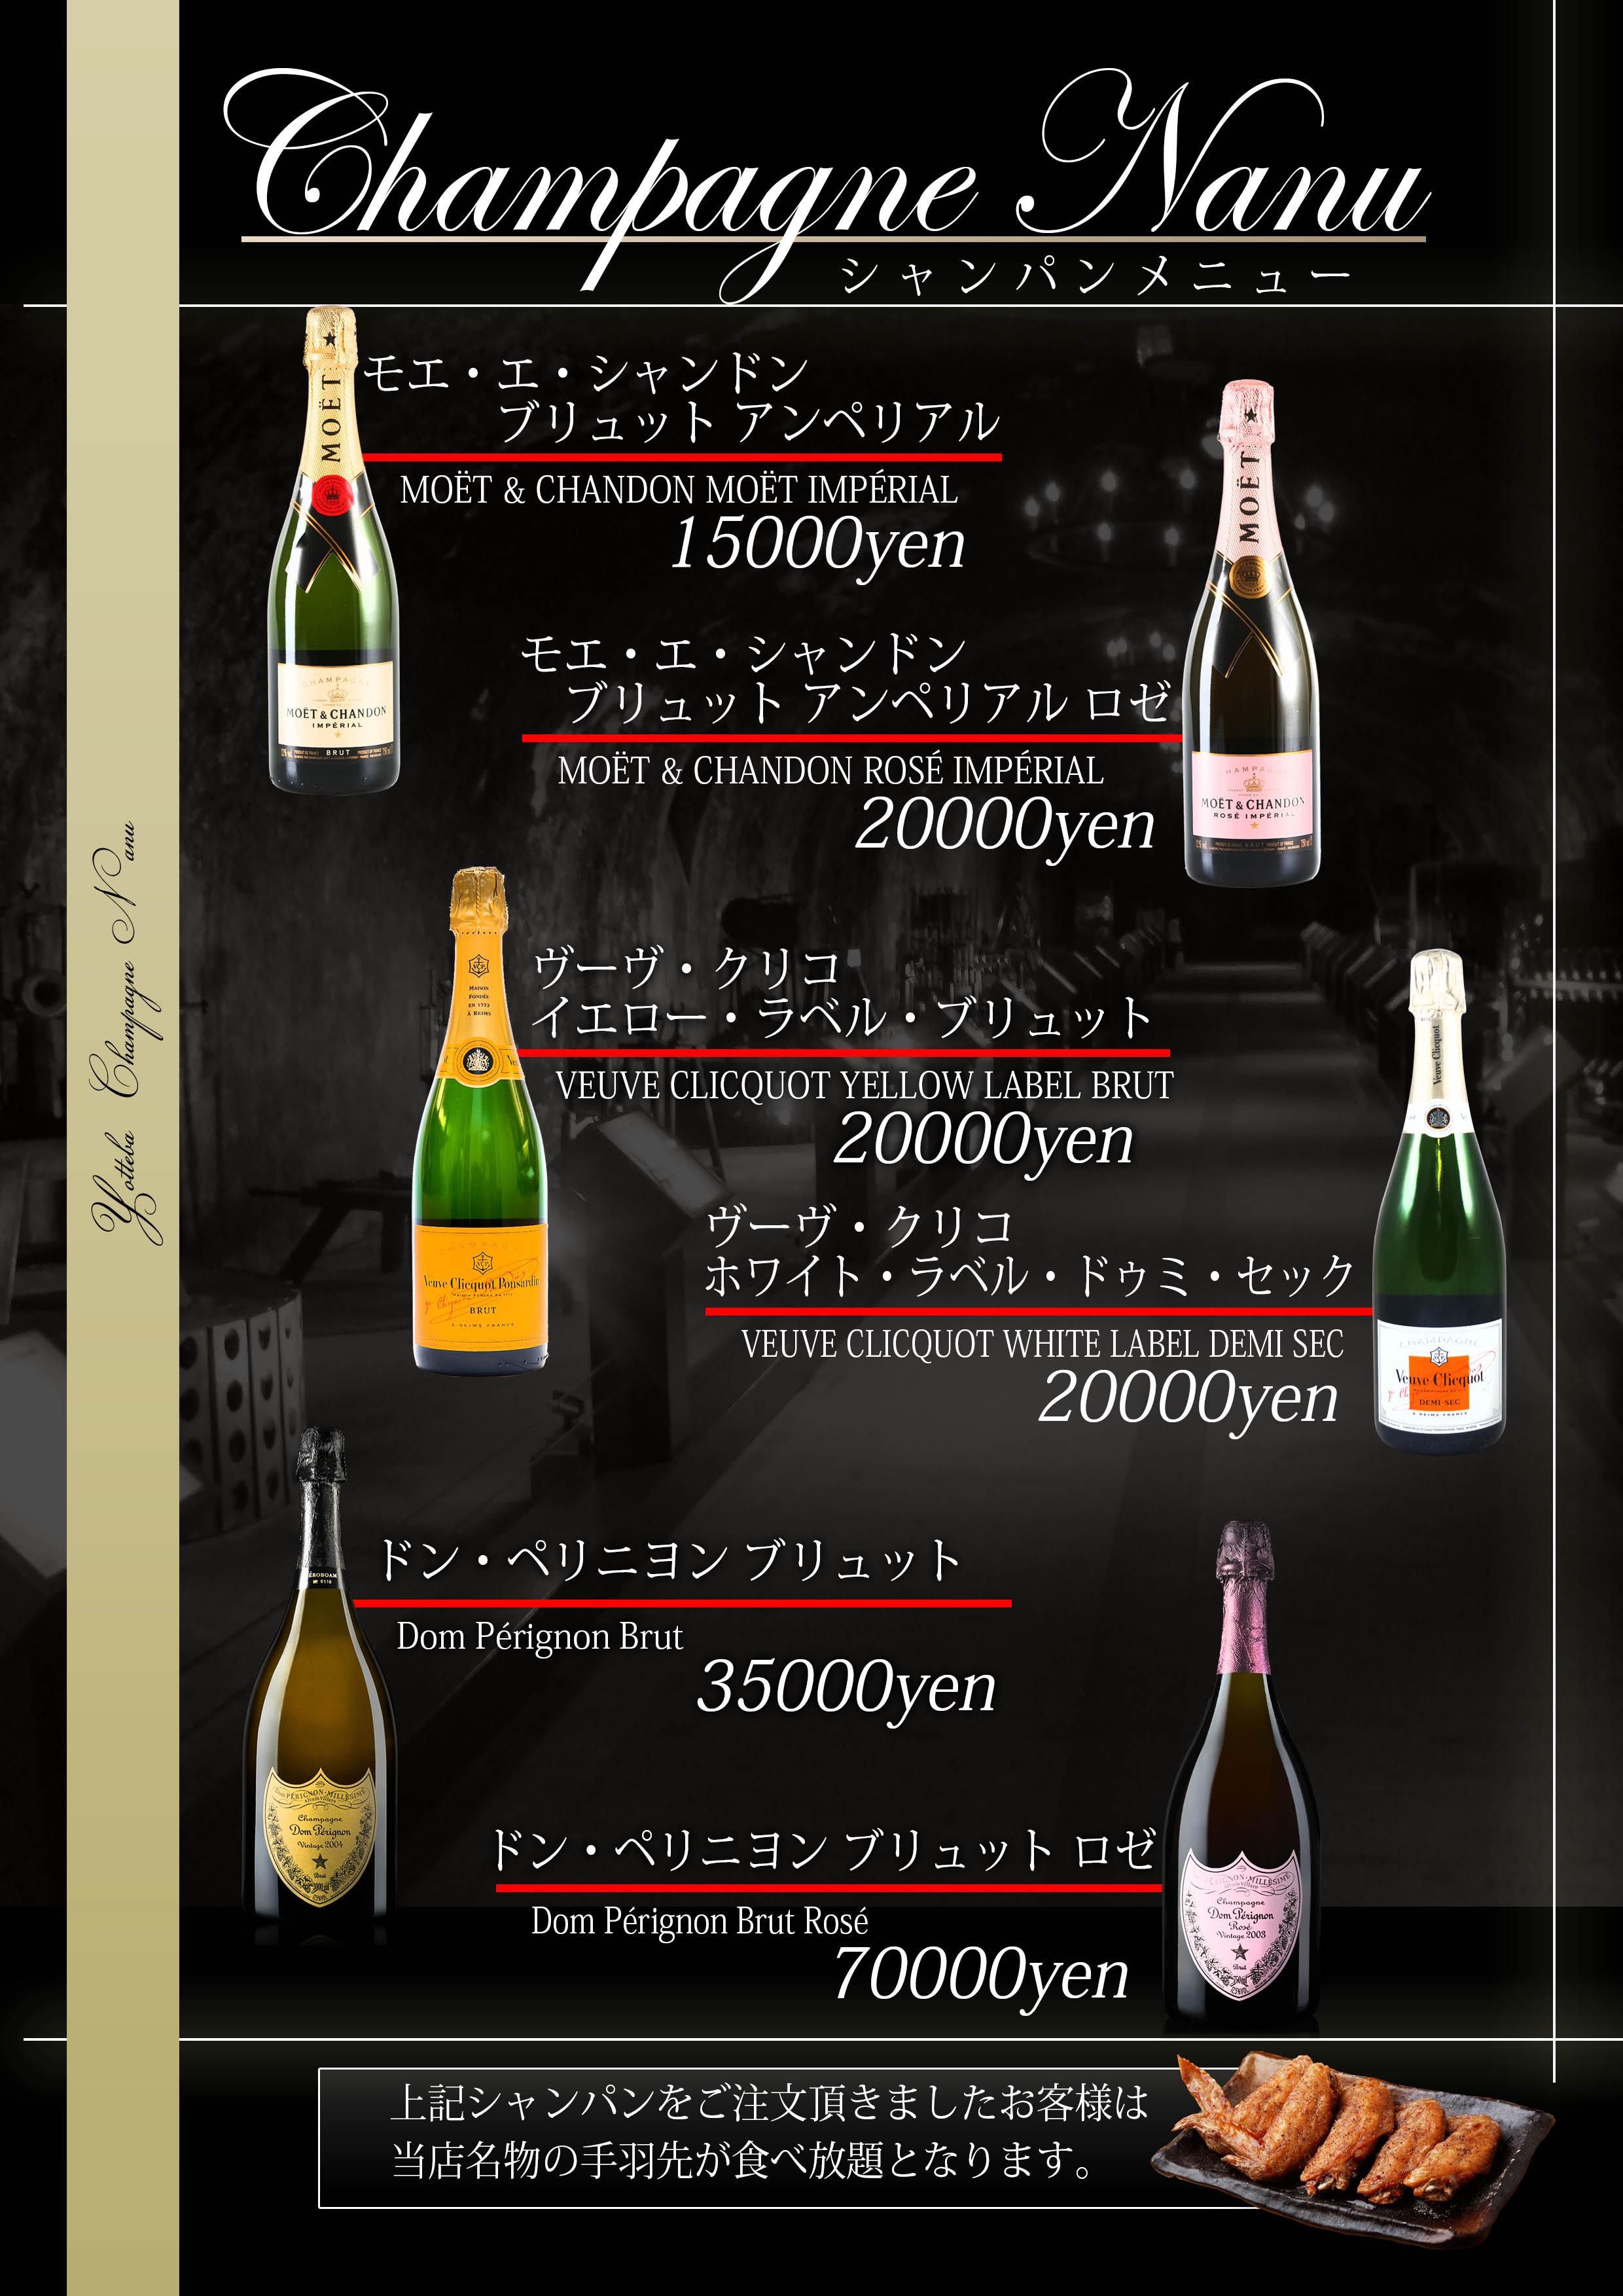 居酒屋 酔っ手羽|上野広小路|上野|24時間|宴会|深夜営業|2次会|朝まで|上野動物園|24時間営業|